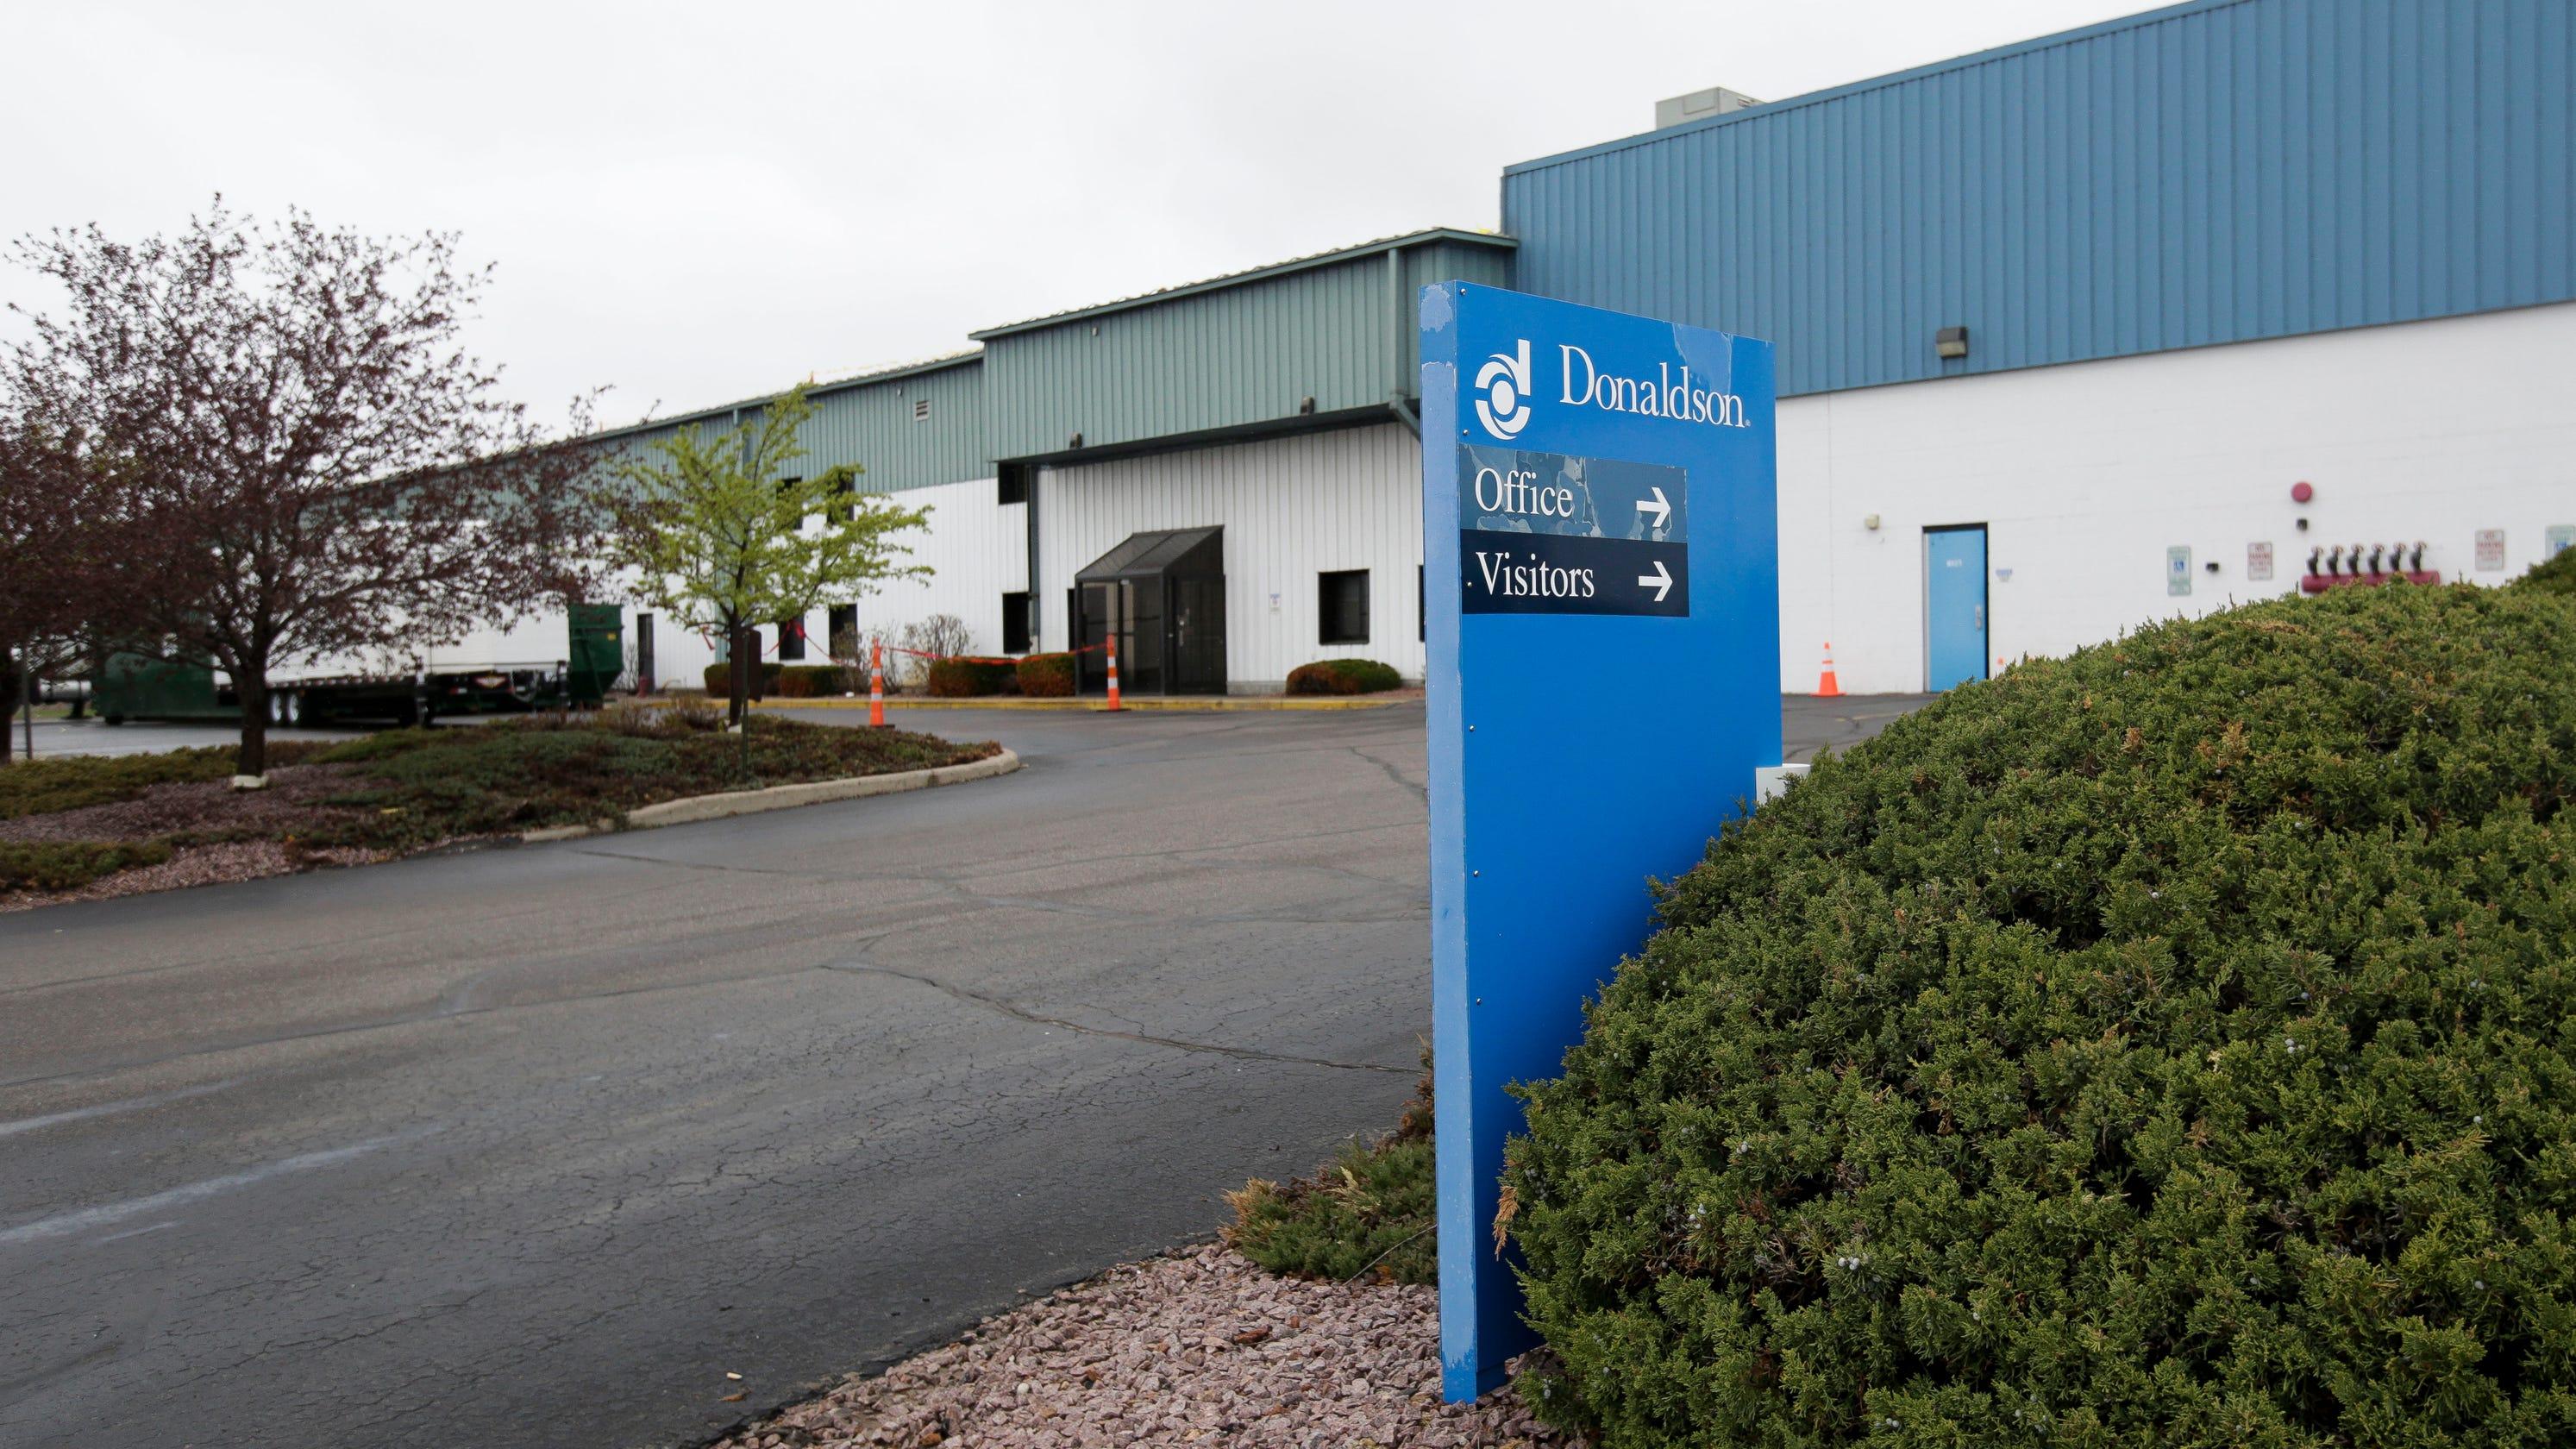 Stevens Point: Donaldson Co  confirms layoffs, plans more cuts